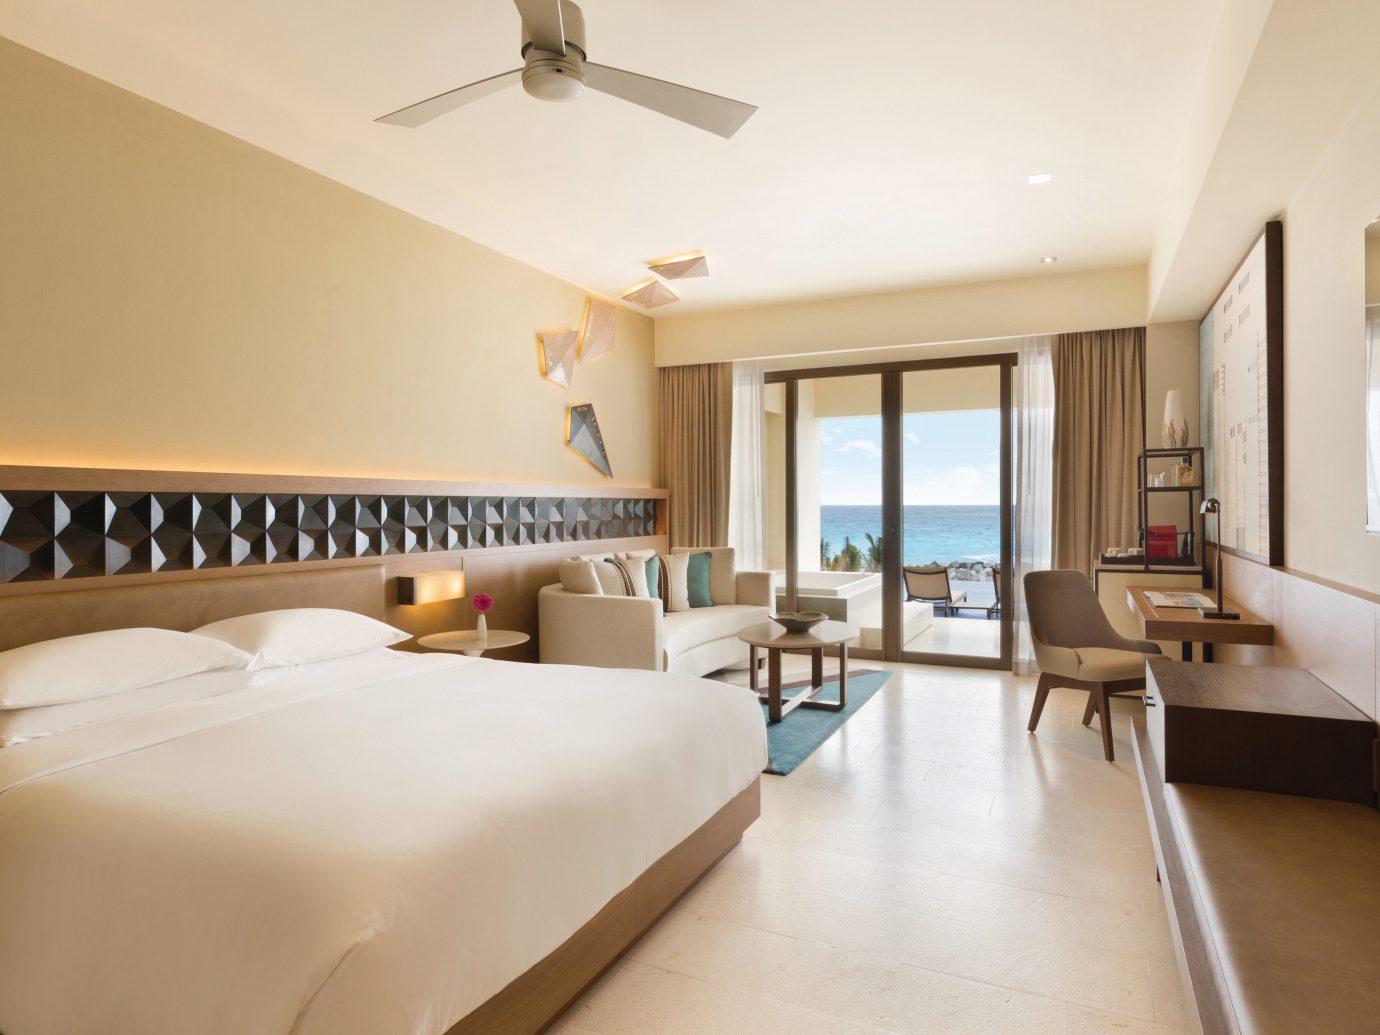 Bedroom at Hyatt Ziva Cancun